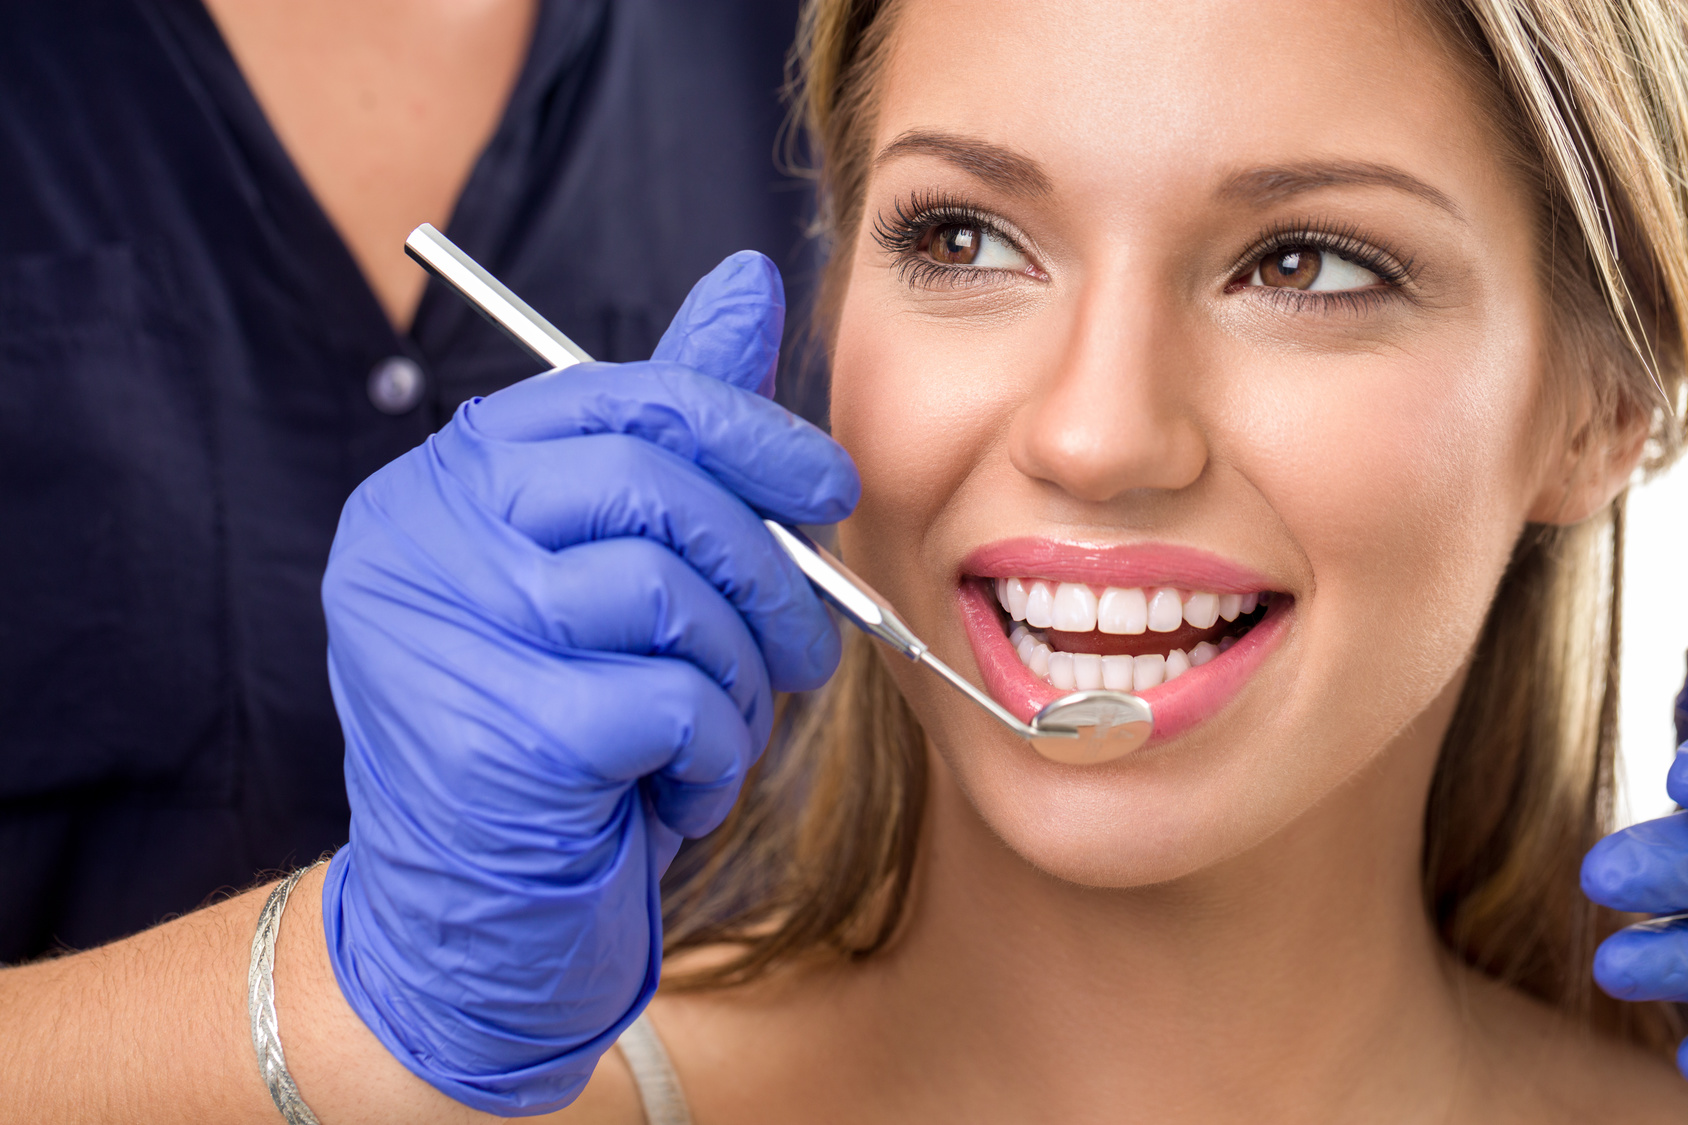 Hammastarkastus valinnaisella hammaskiven poistolla ja soodapuhdistuksella alk. vain 15€